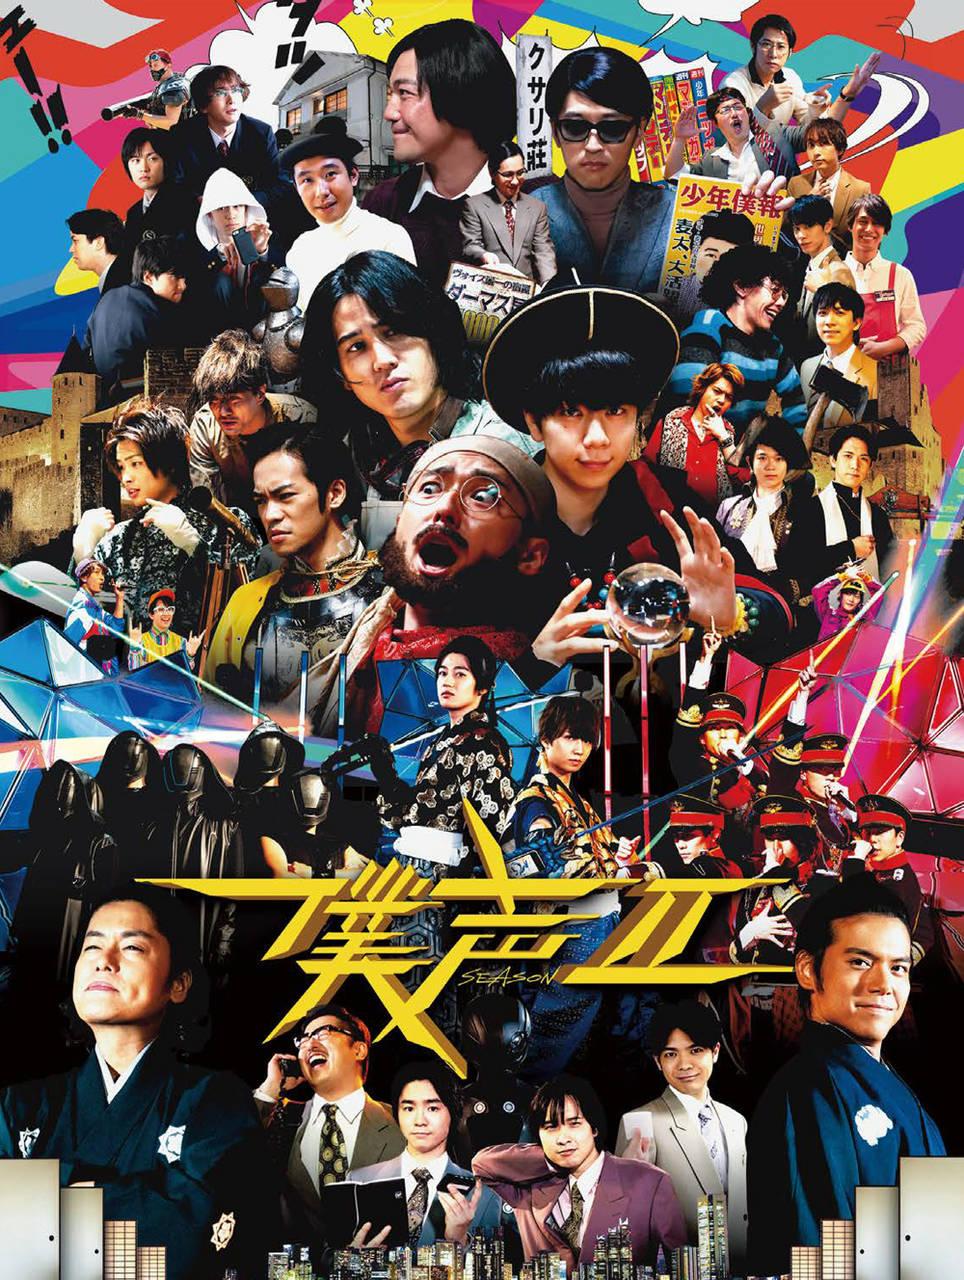 声で笑いに挑む「セカイ系バラエティ 僕声」イベントに大河元気らが出演決定! シーズン2 DVD-BOX 7月3日発売